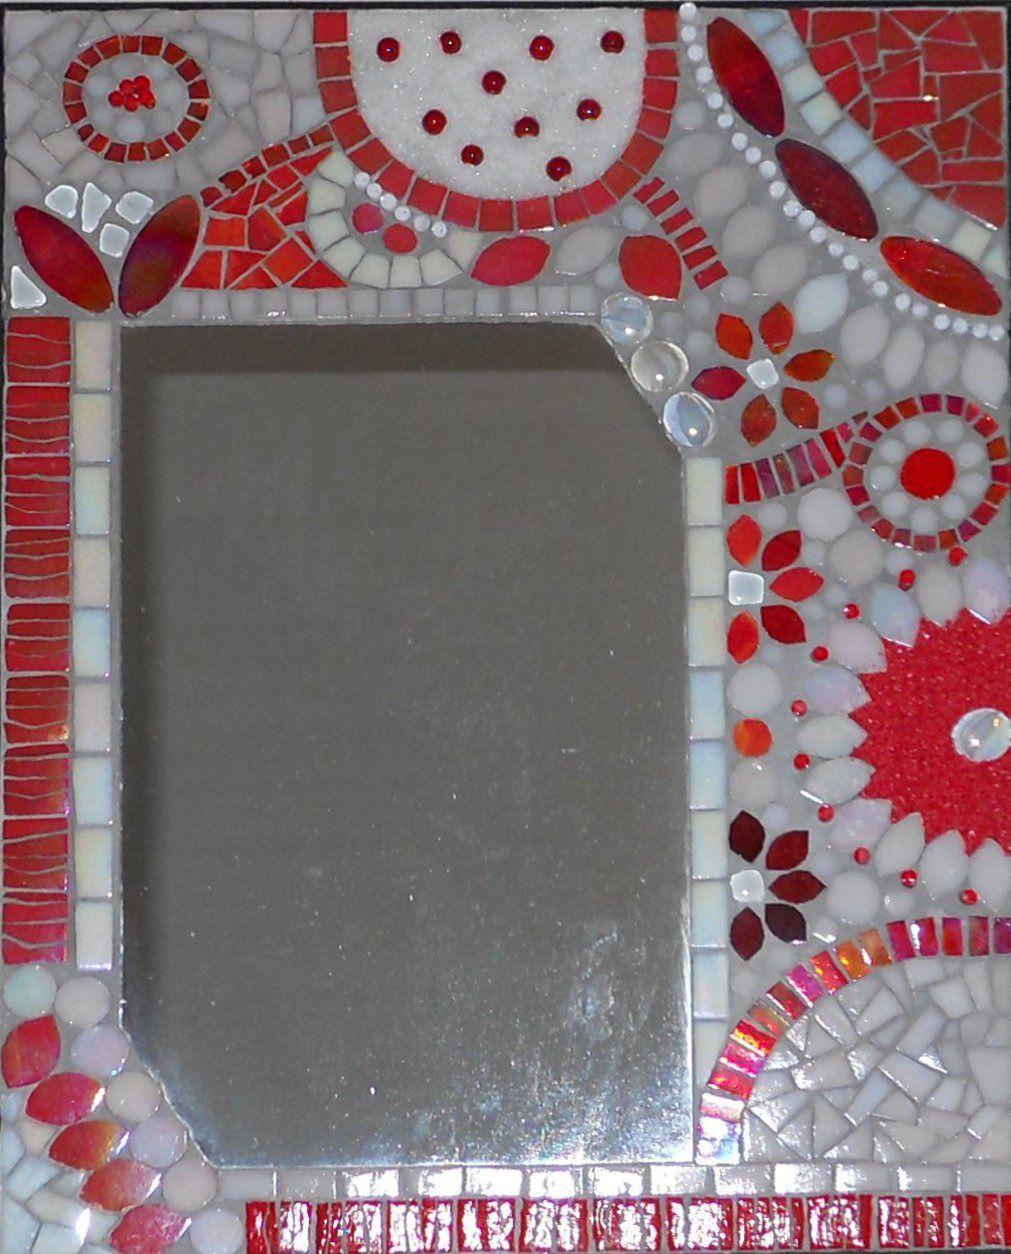 Miroir Rouge Mosaique De Pate De Verre, Billes De Verre intérieur Support Pour Mosaique